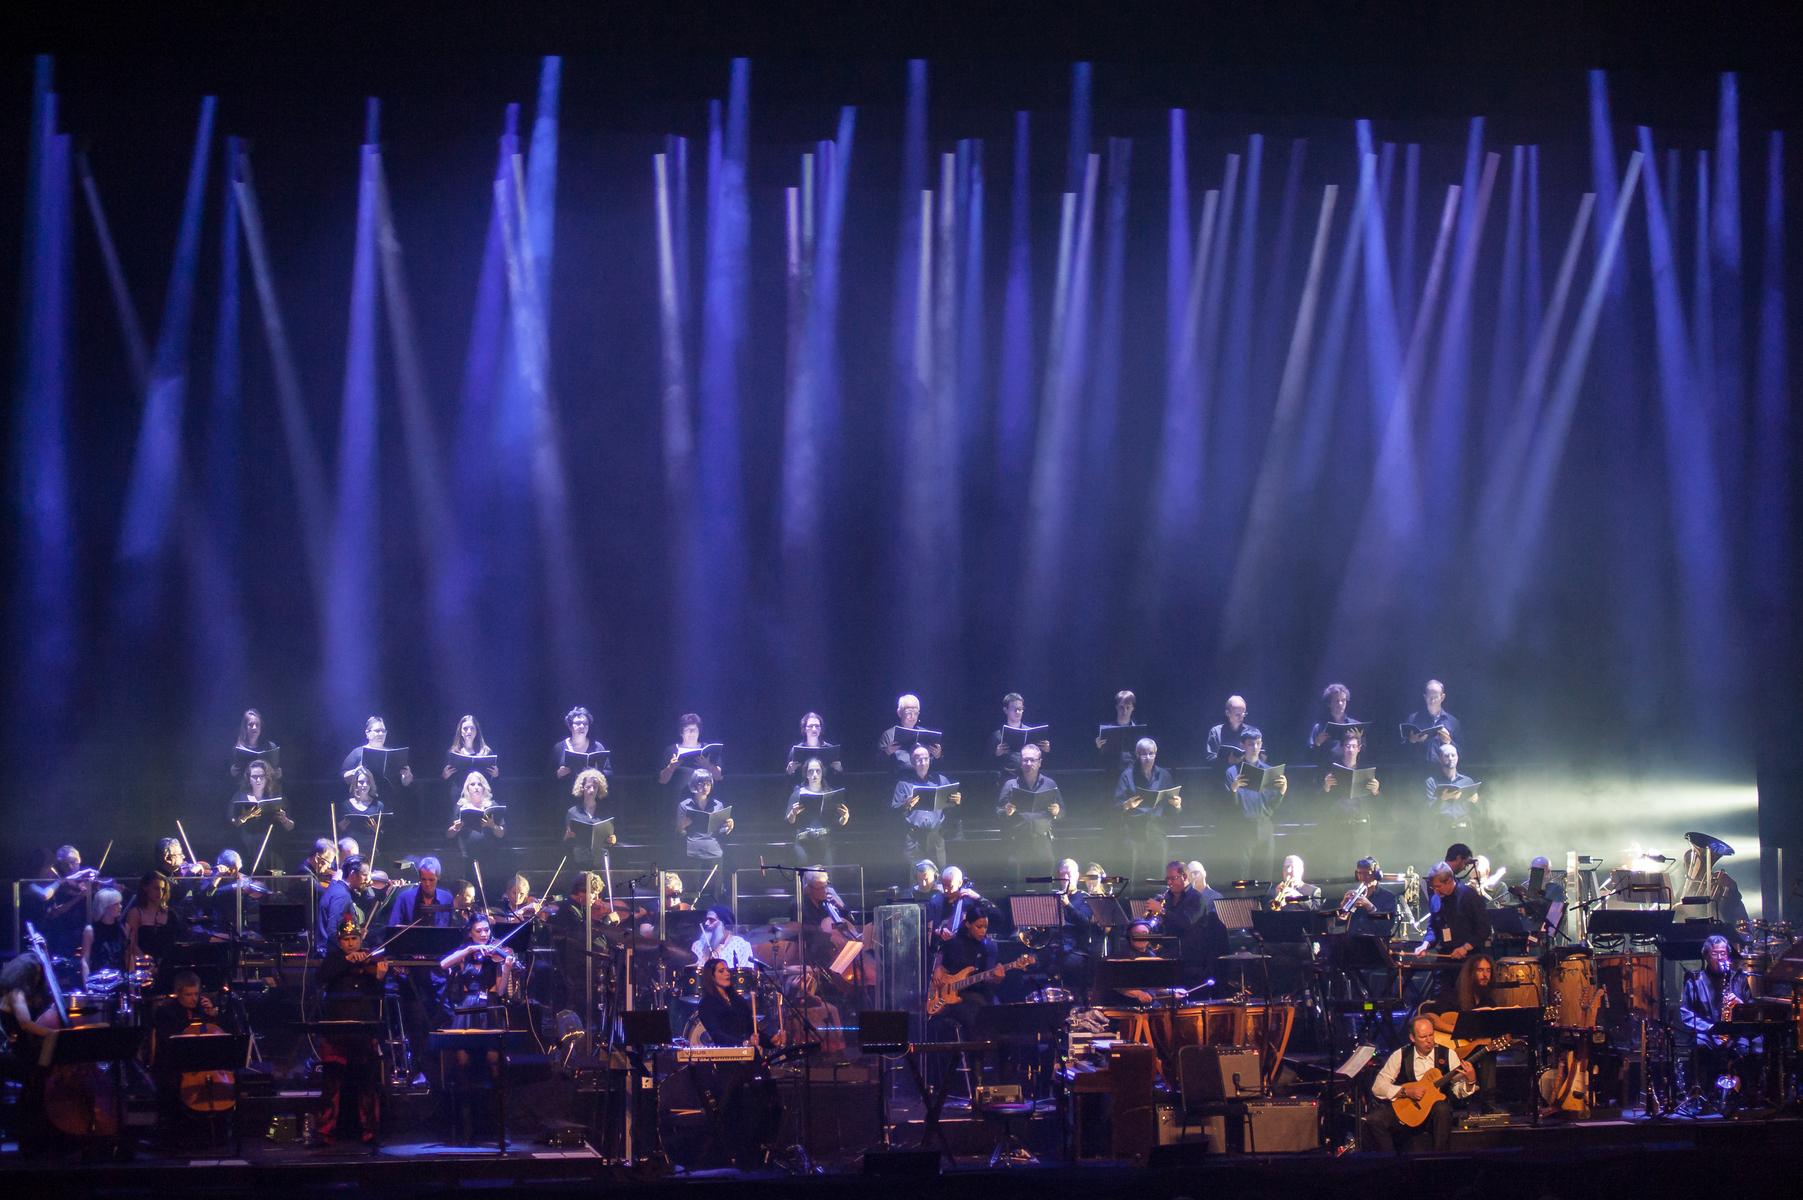 CEFC Hans Zimmer Concert